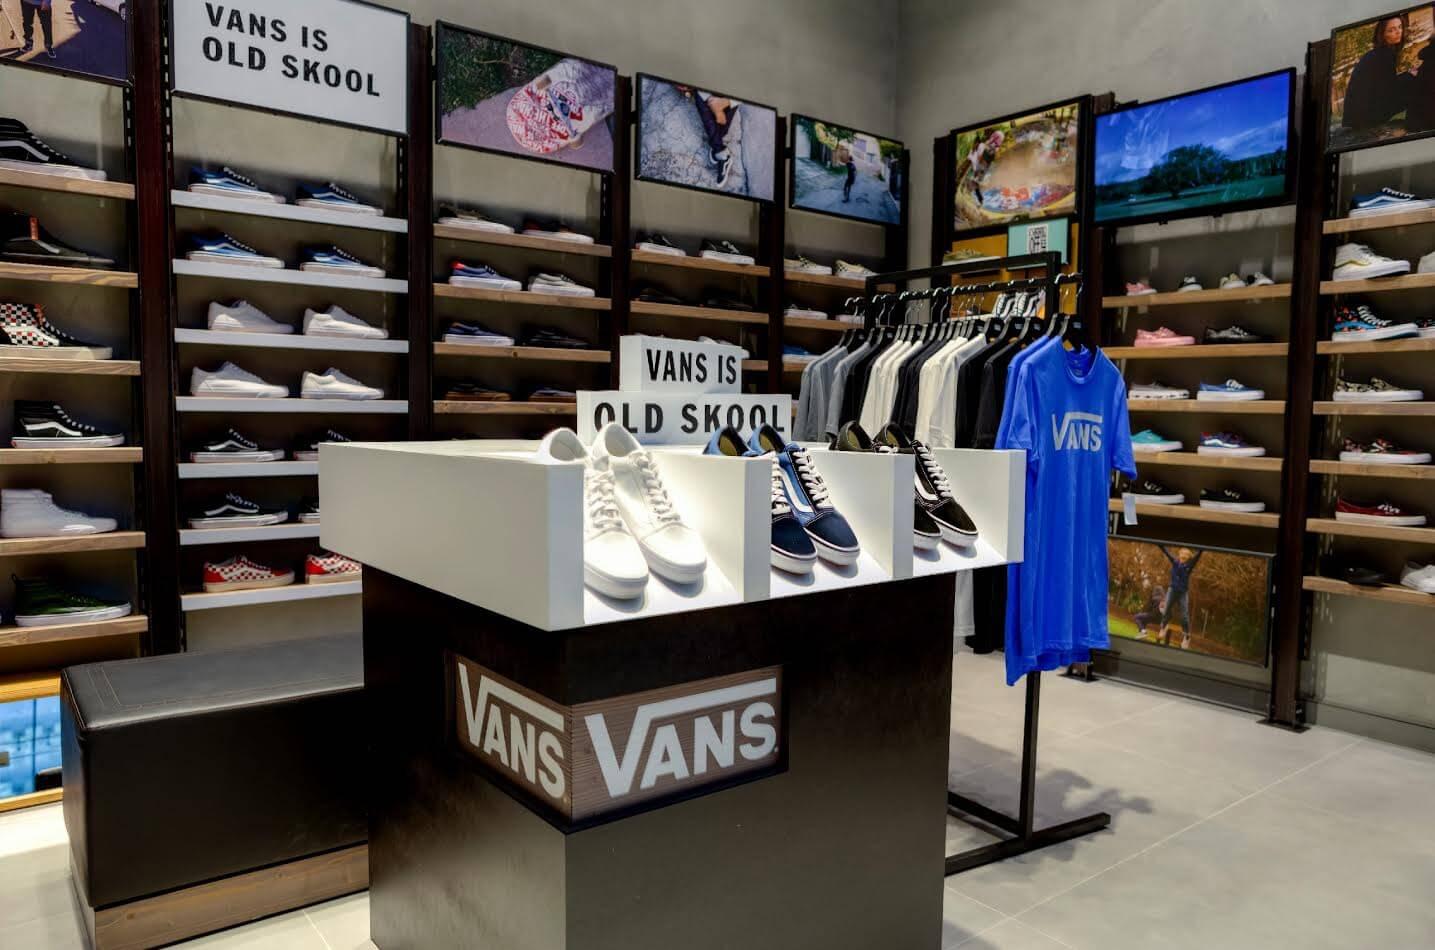 متاجر Vans تفتتح فرعها الجديد في دبي مول